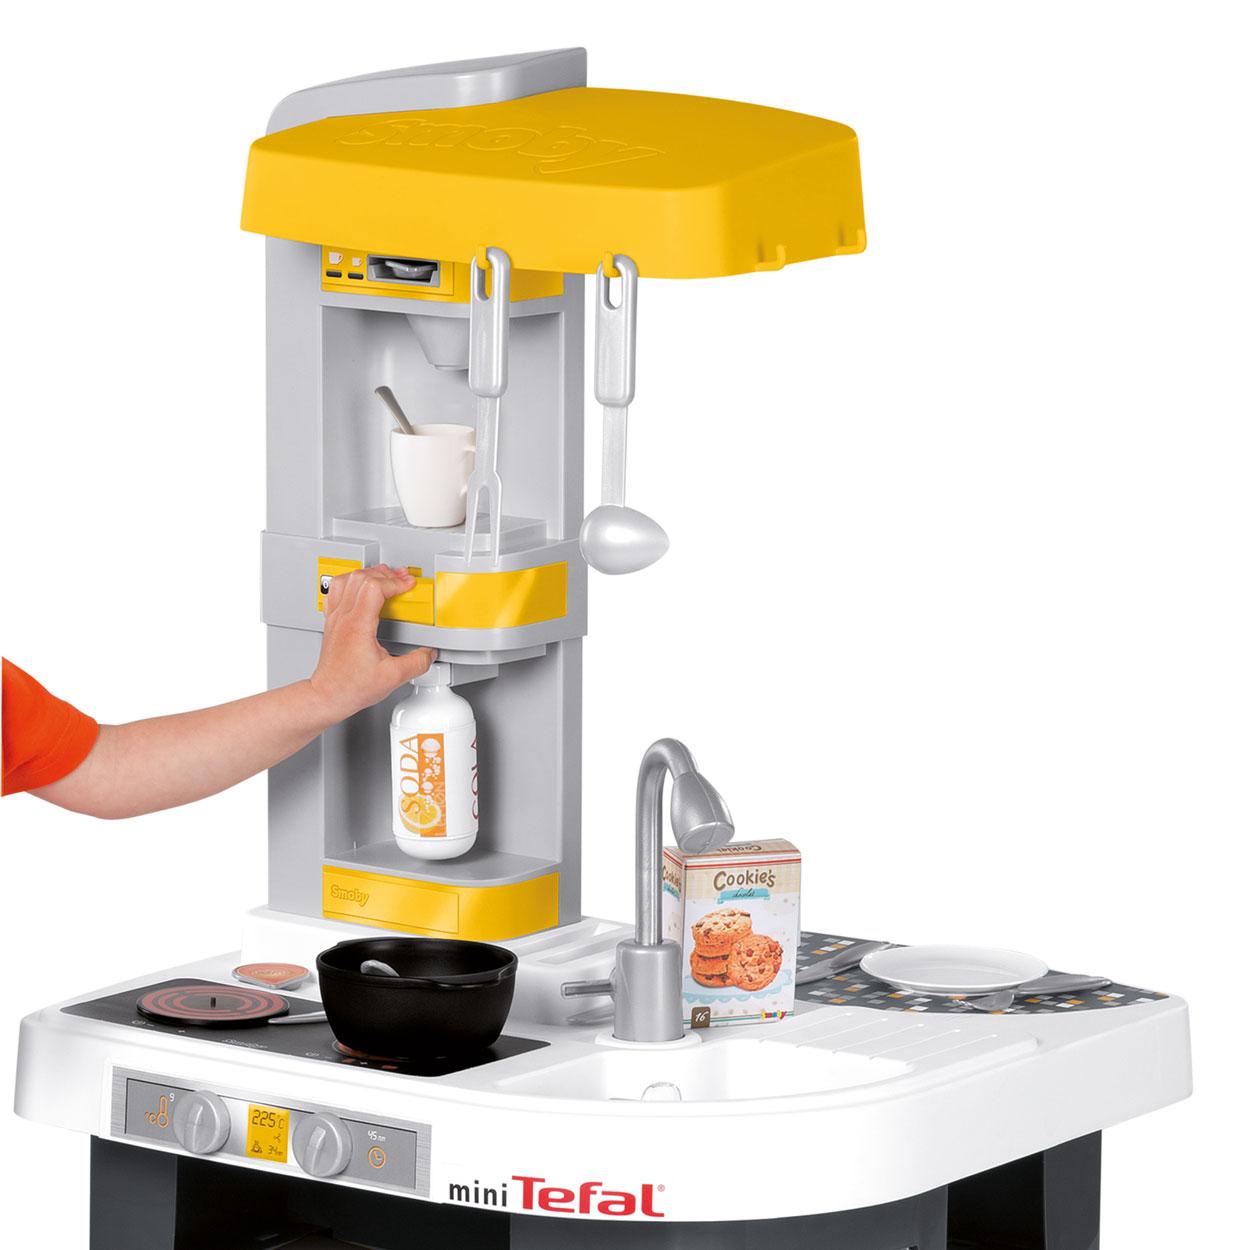 Smoby tefal studio keuken online kopen - Keuken uitgerust m ...